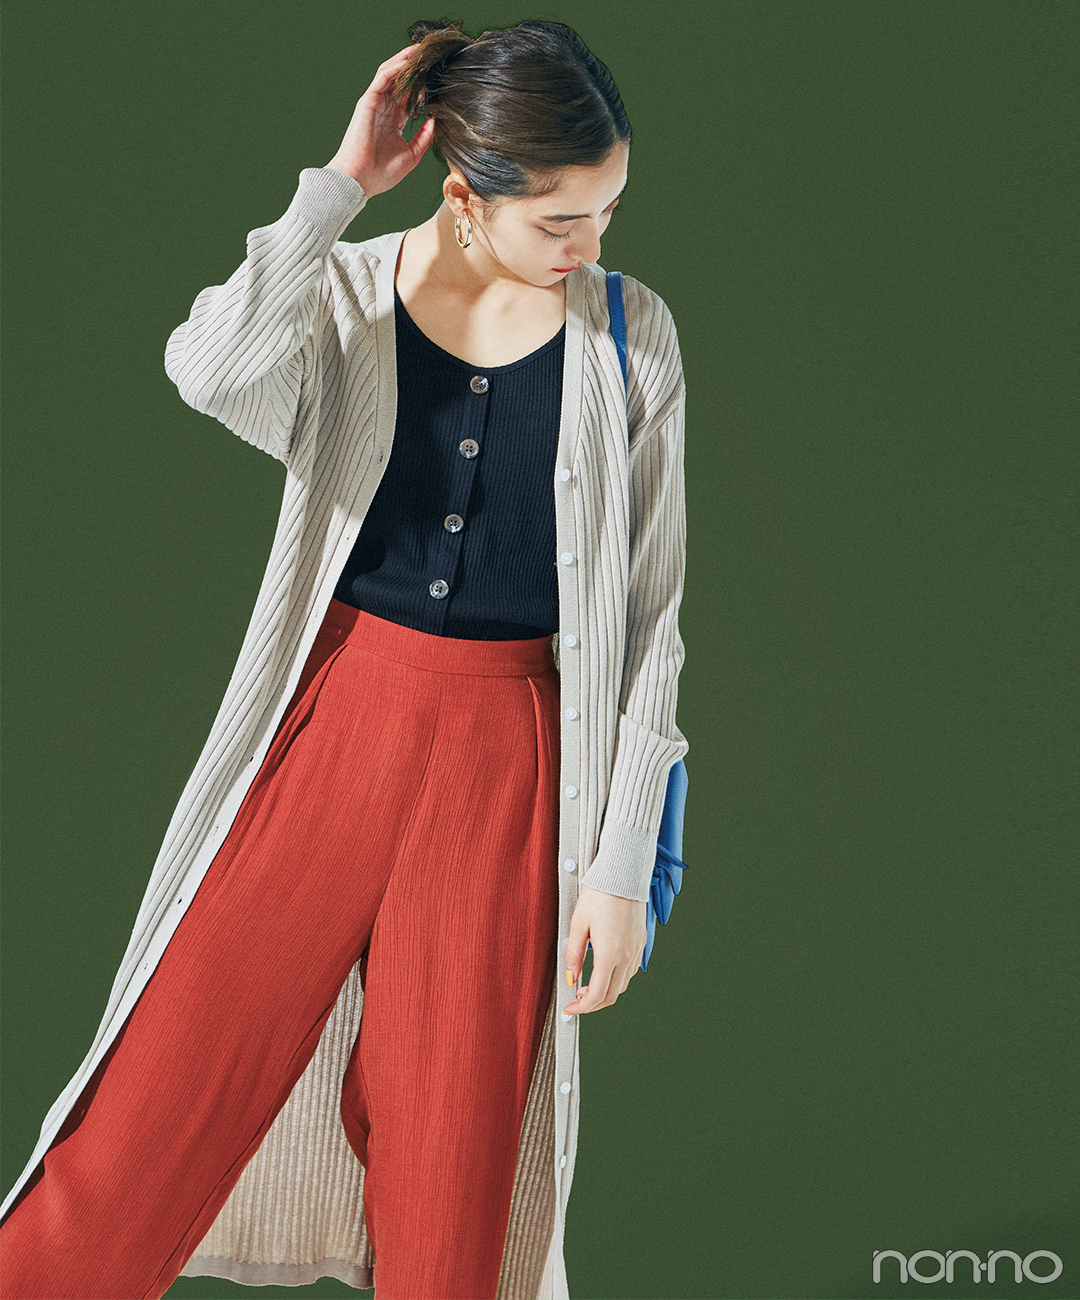 新木優子は初夏のロング&ロングレイヤードでトレンドを楽しむ♡【毎日コーデ】_1_1